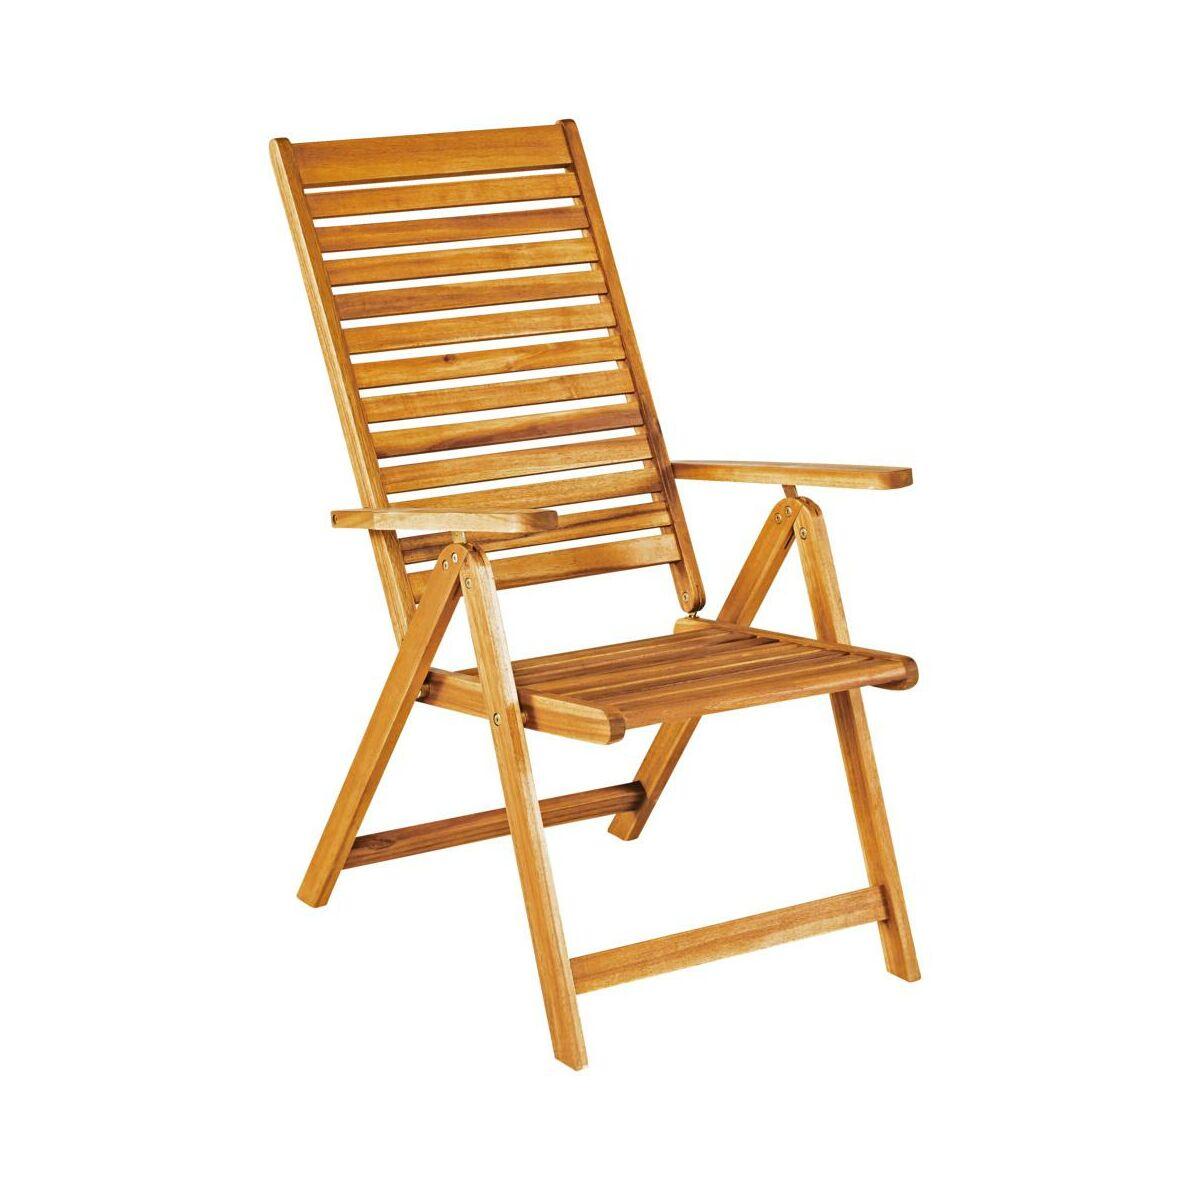 Fotel Ogrodowy Drewniany Porto Naterial 5 Pozycyjny